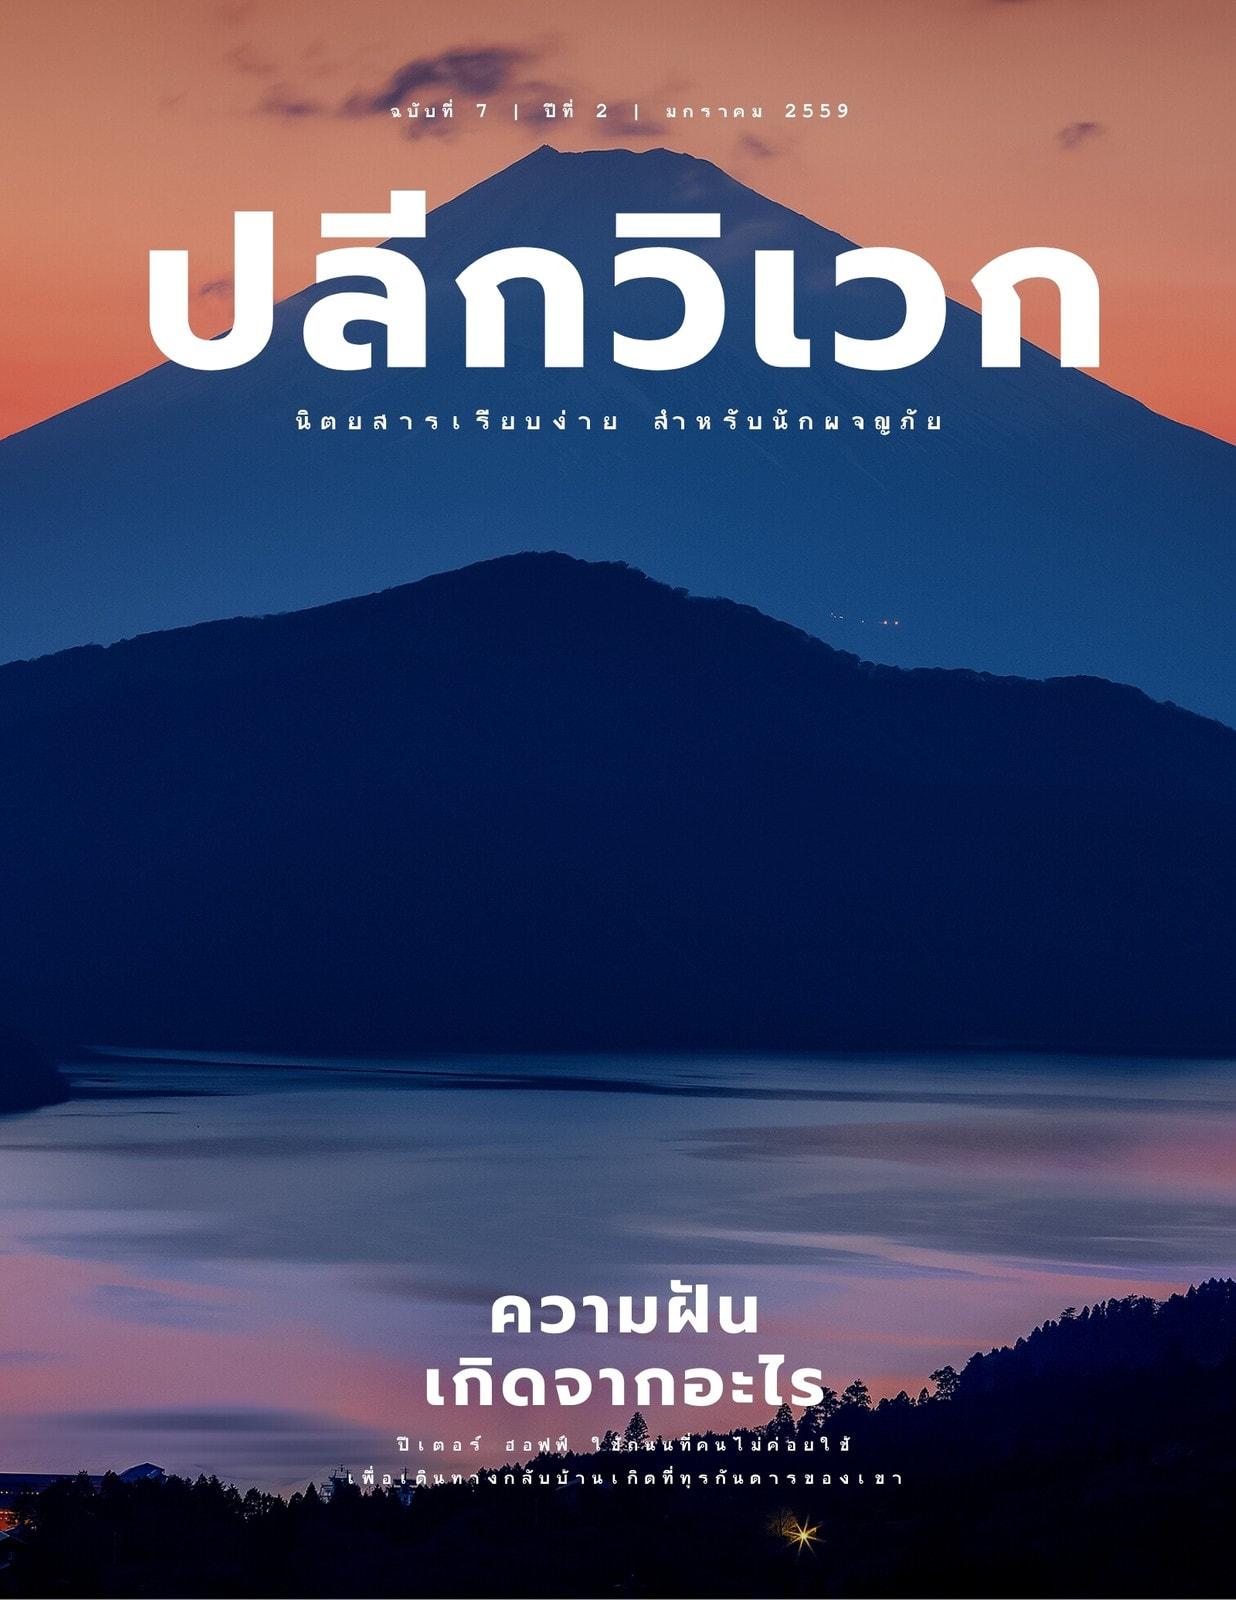 นิตยสารการท่องเที่ยว ทันสมัย เรียบง่าย ภูเขา